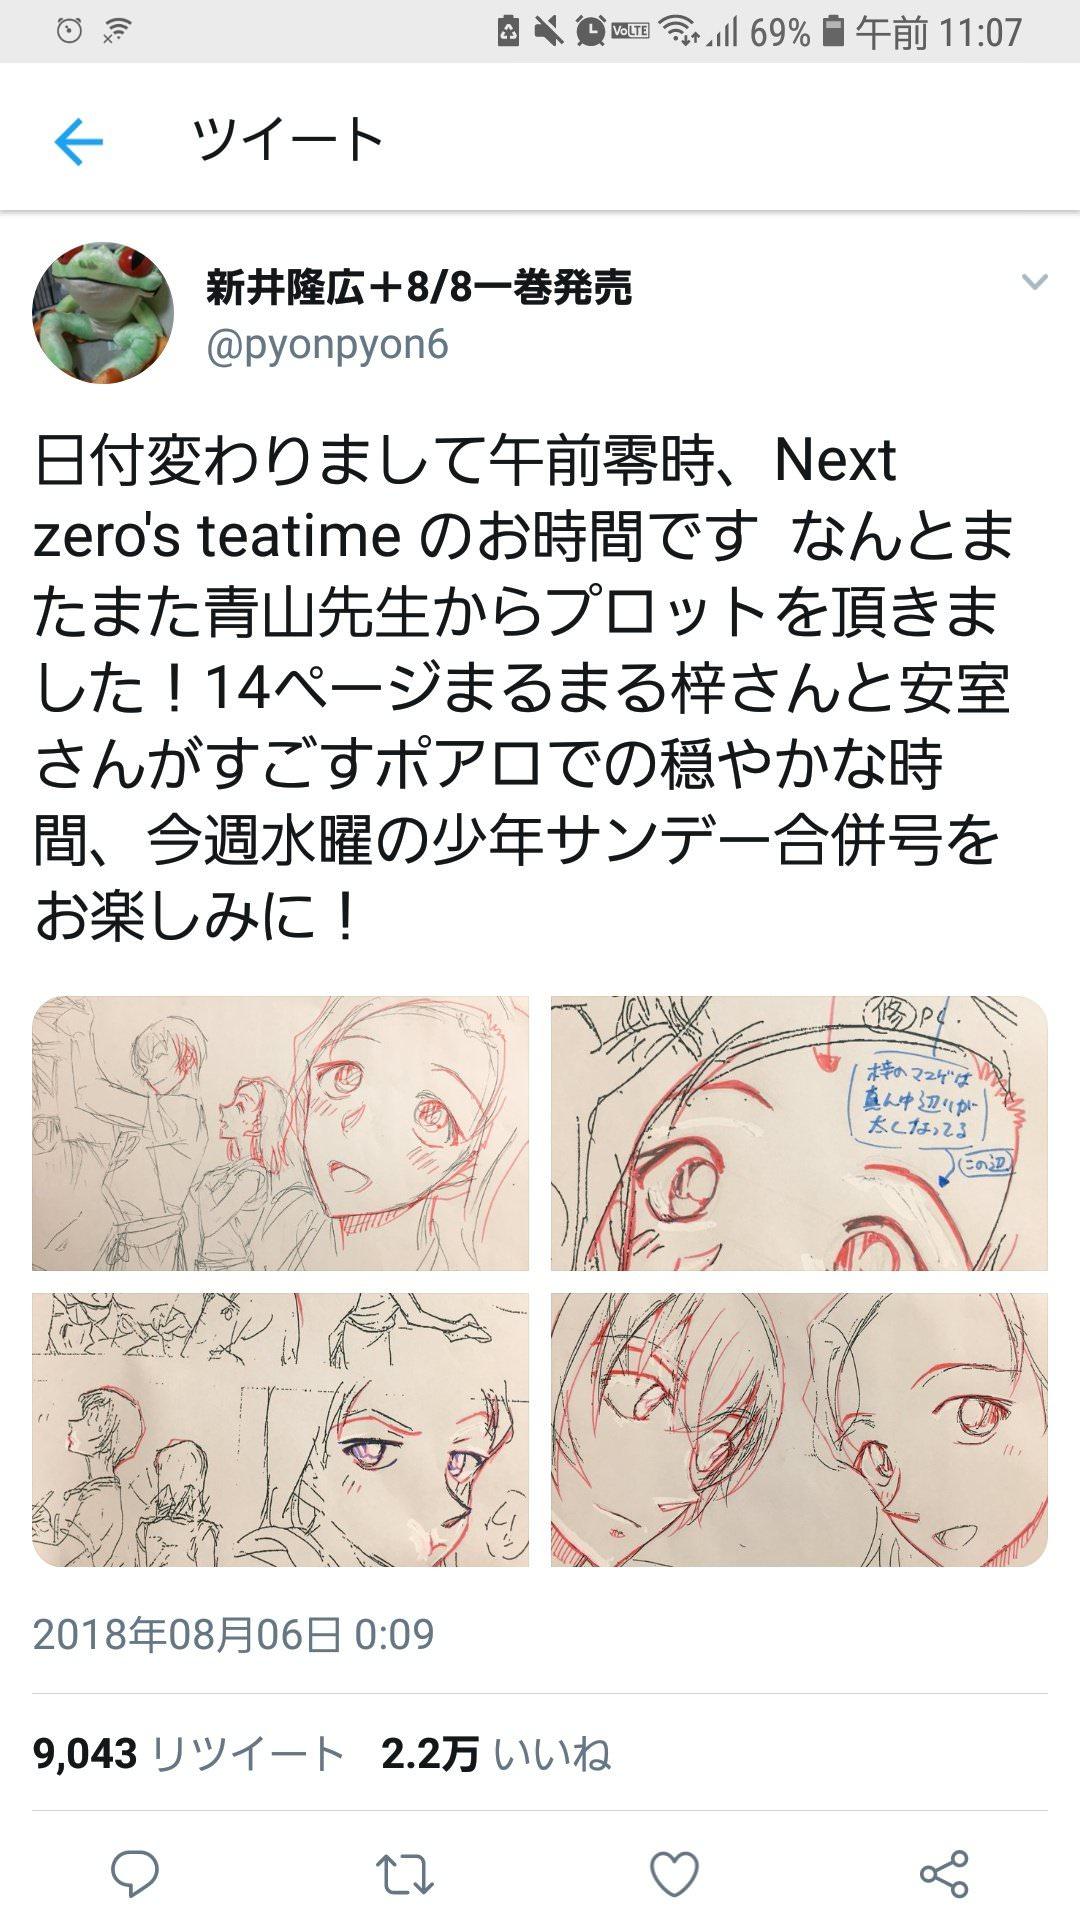 【悲報】コナンの安室スピンオフ漫画、女キャラ登場で腐女子発狂